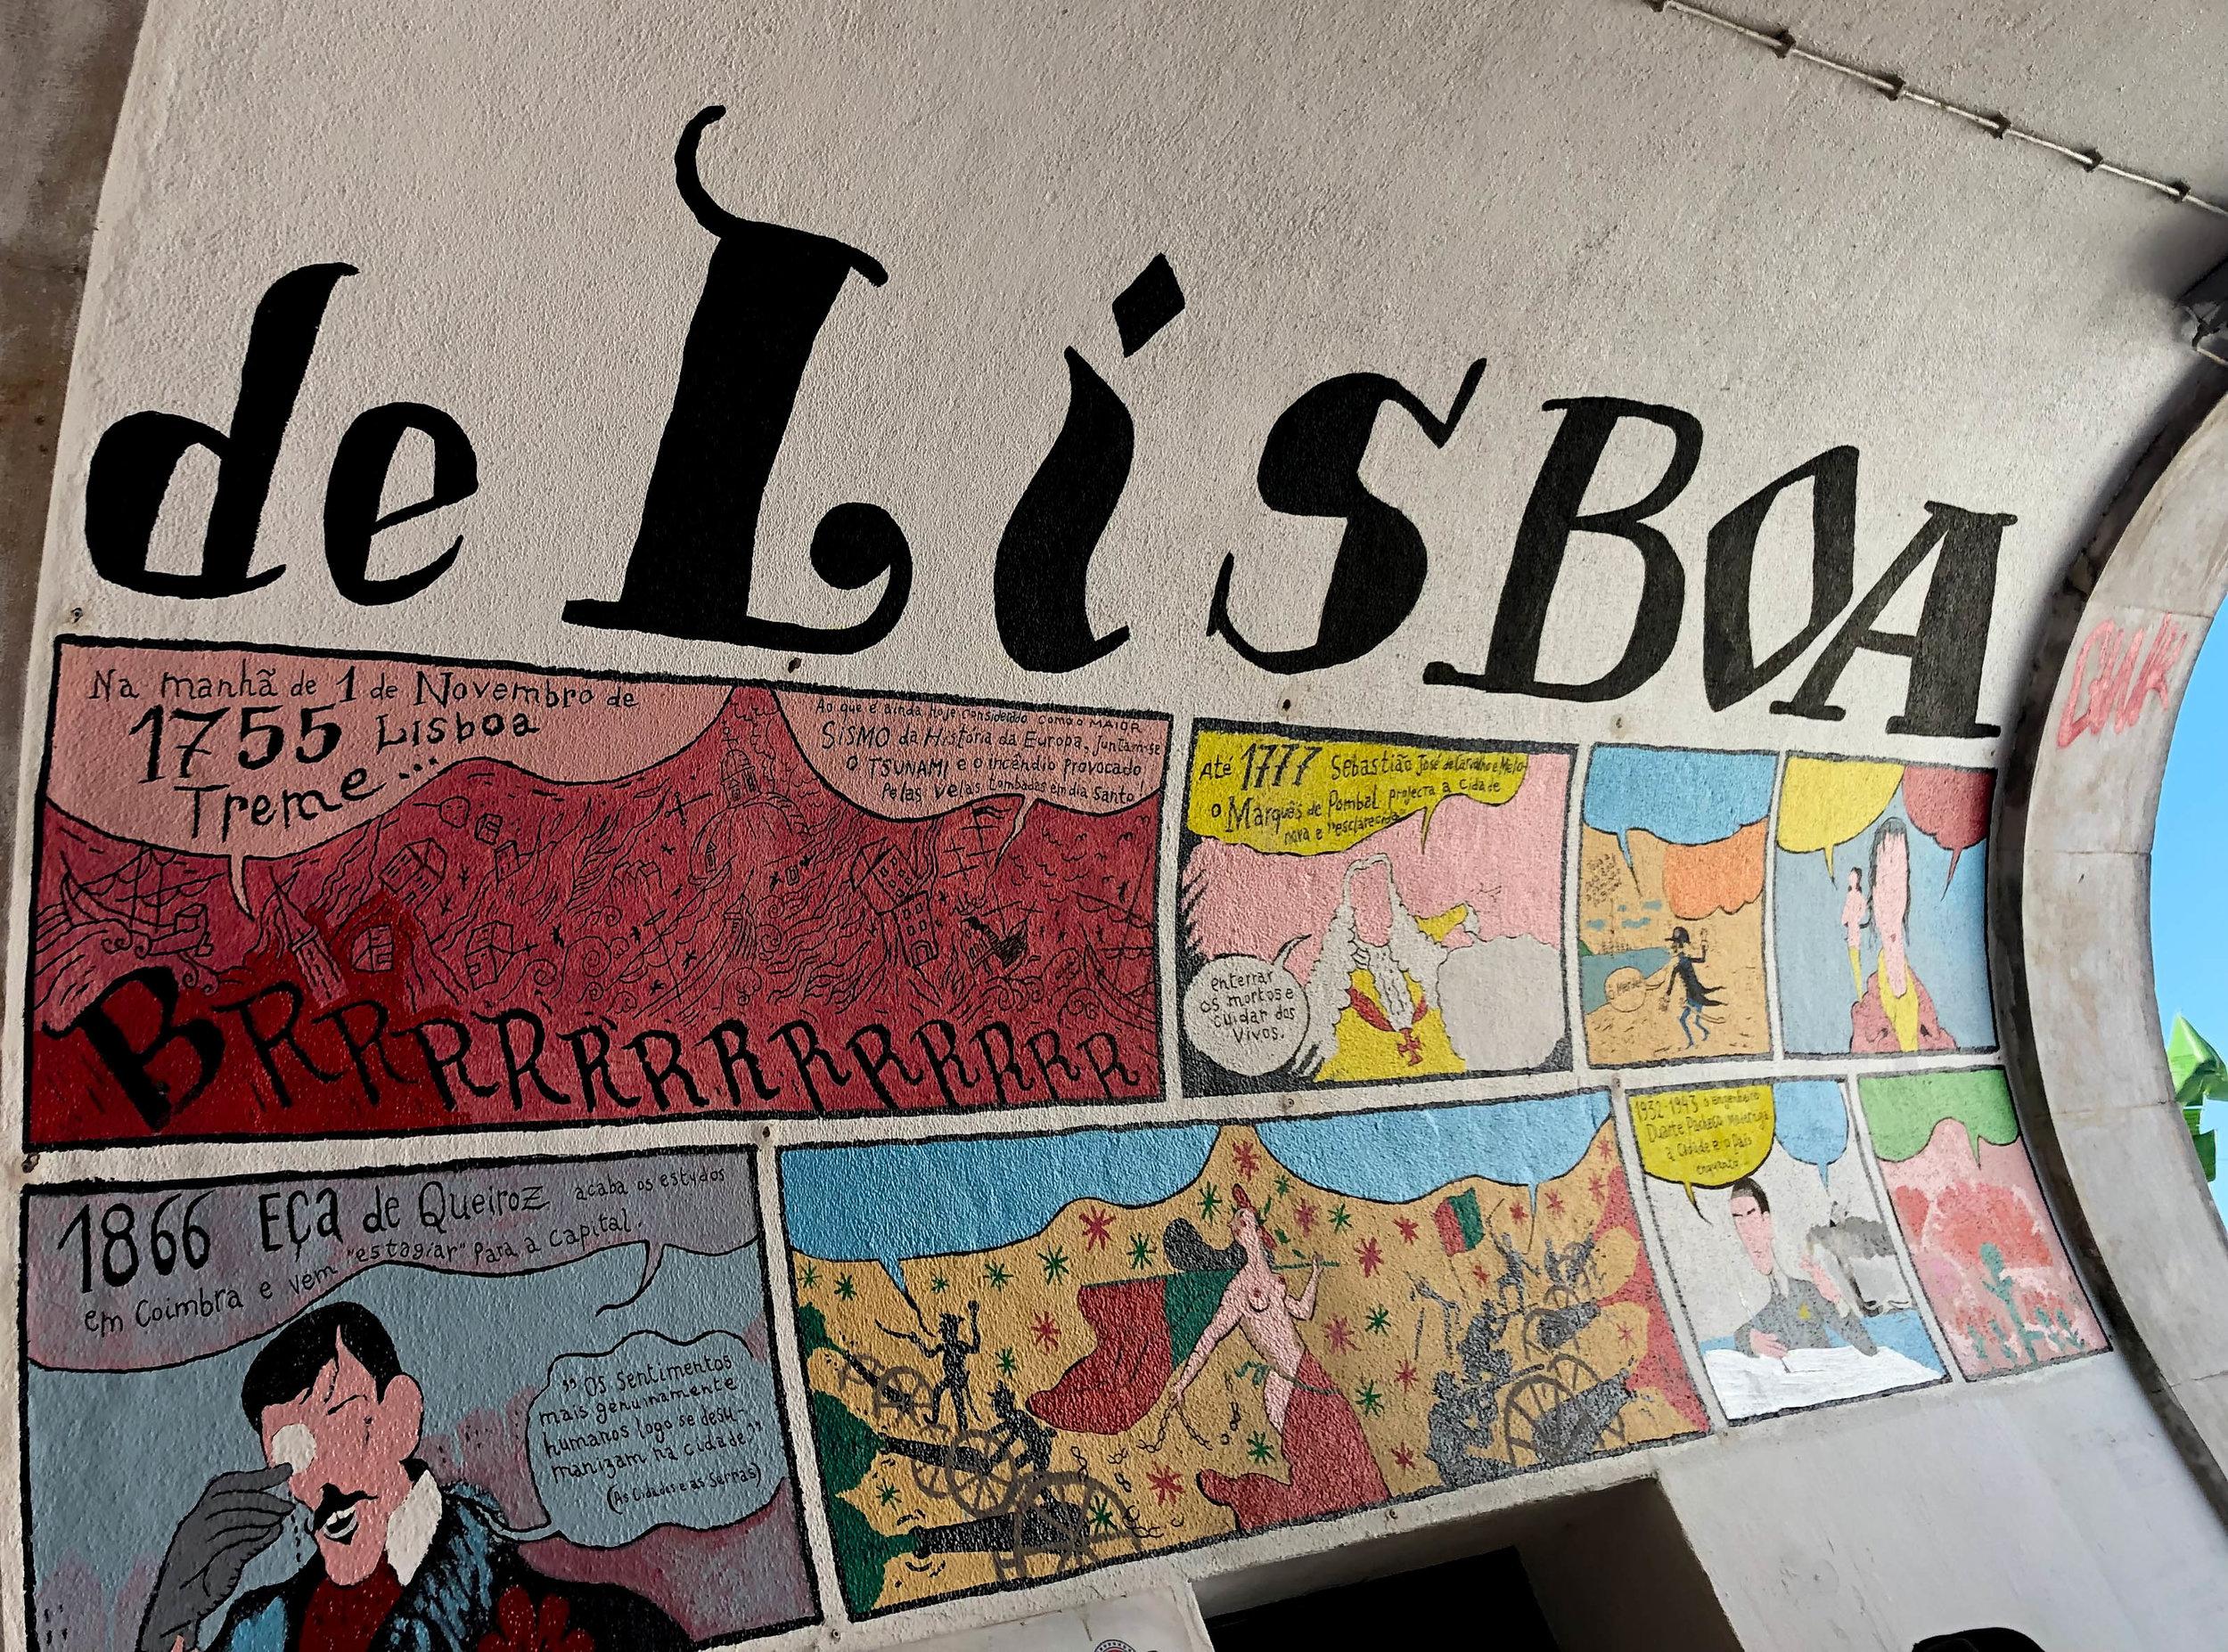 Lisboa Wondrous Abyss 24.jpg